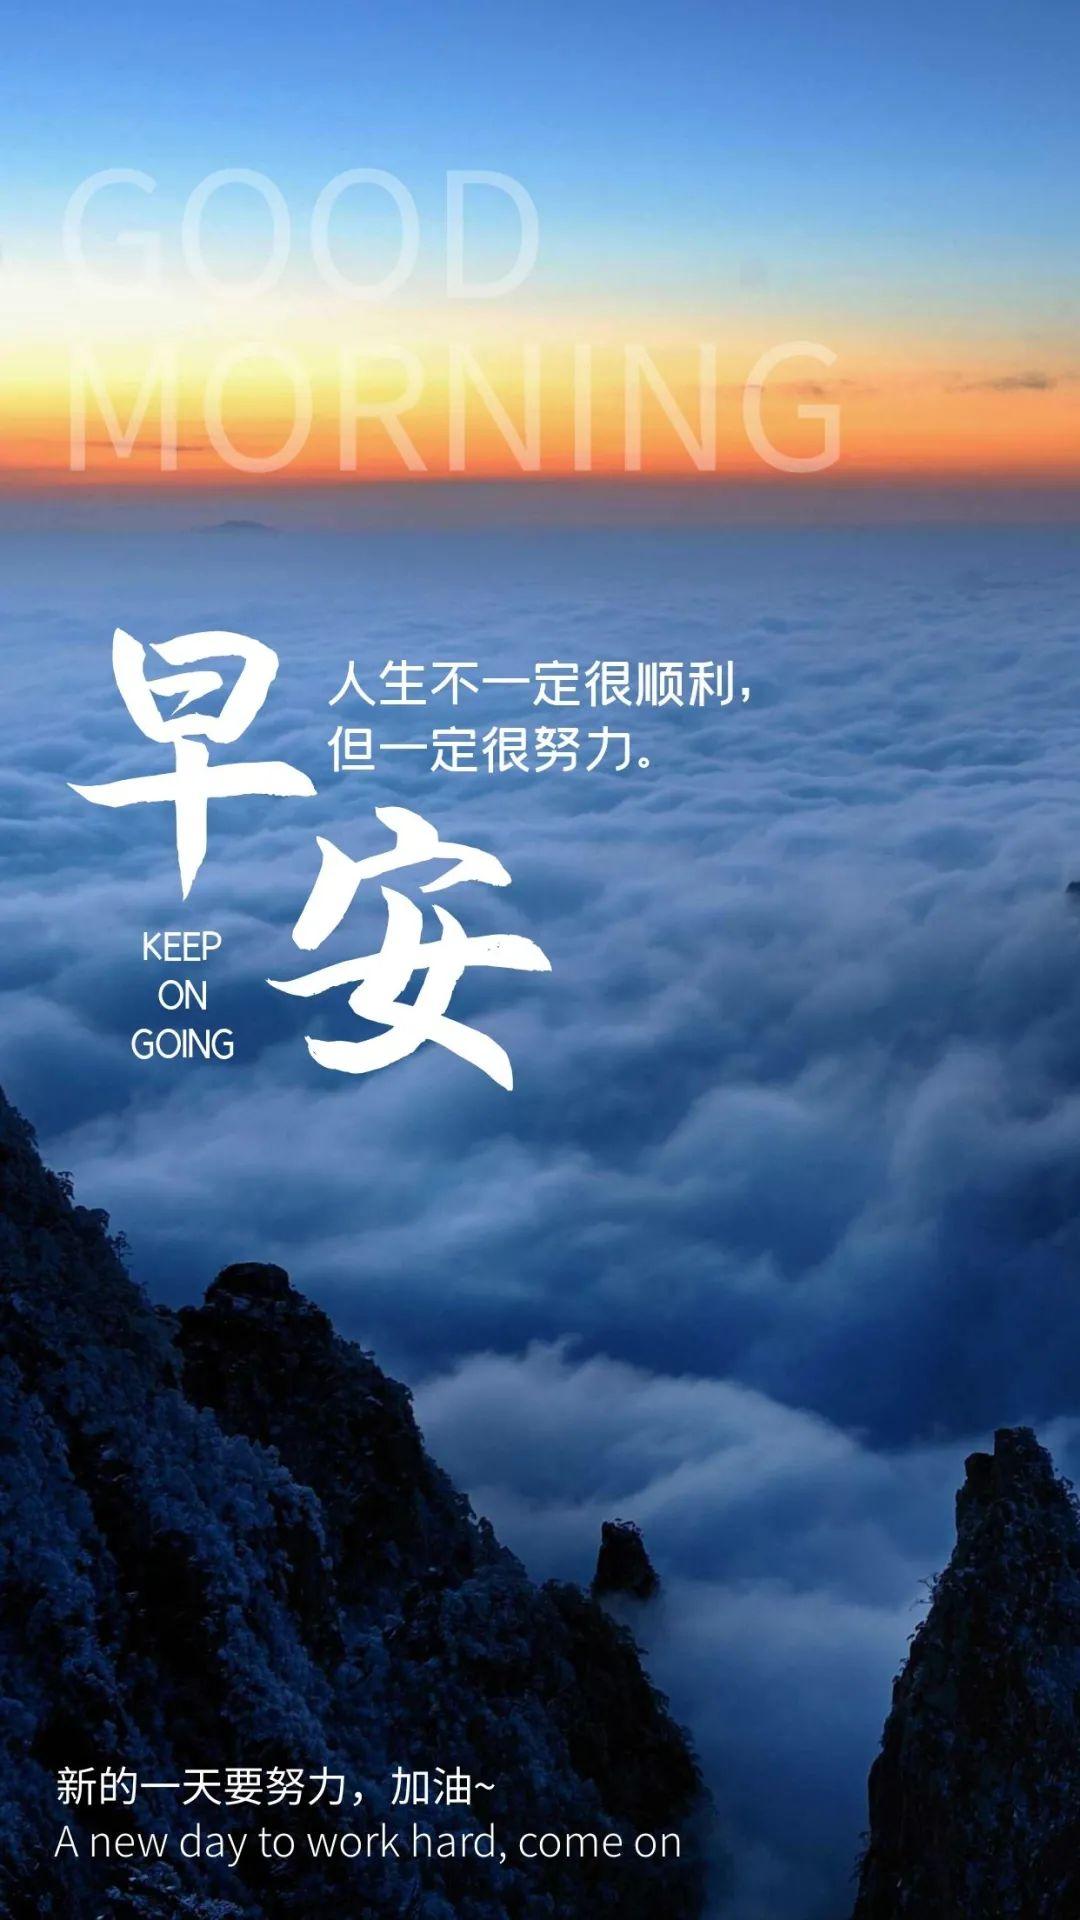 新的一天励志早安心语图片带文字